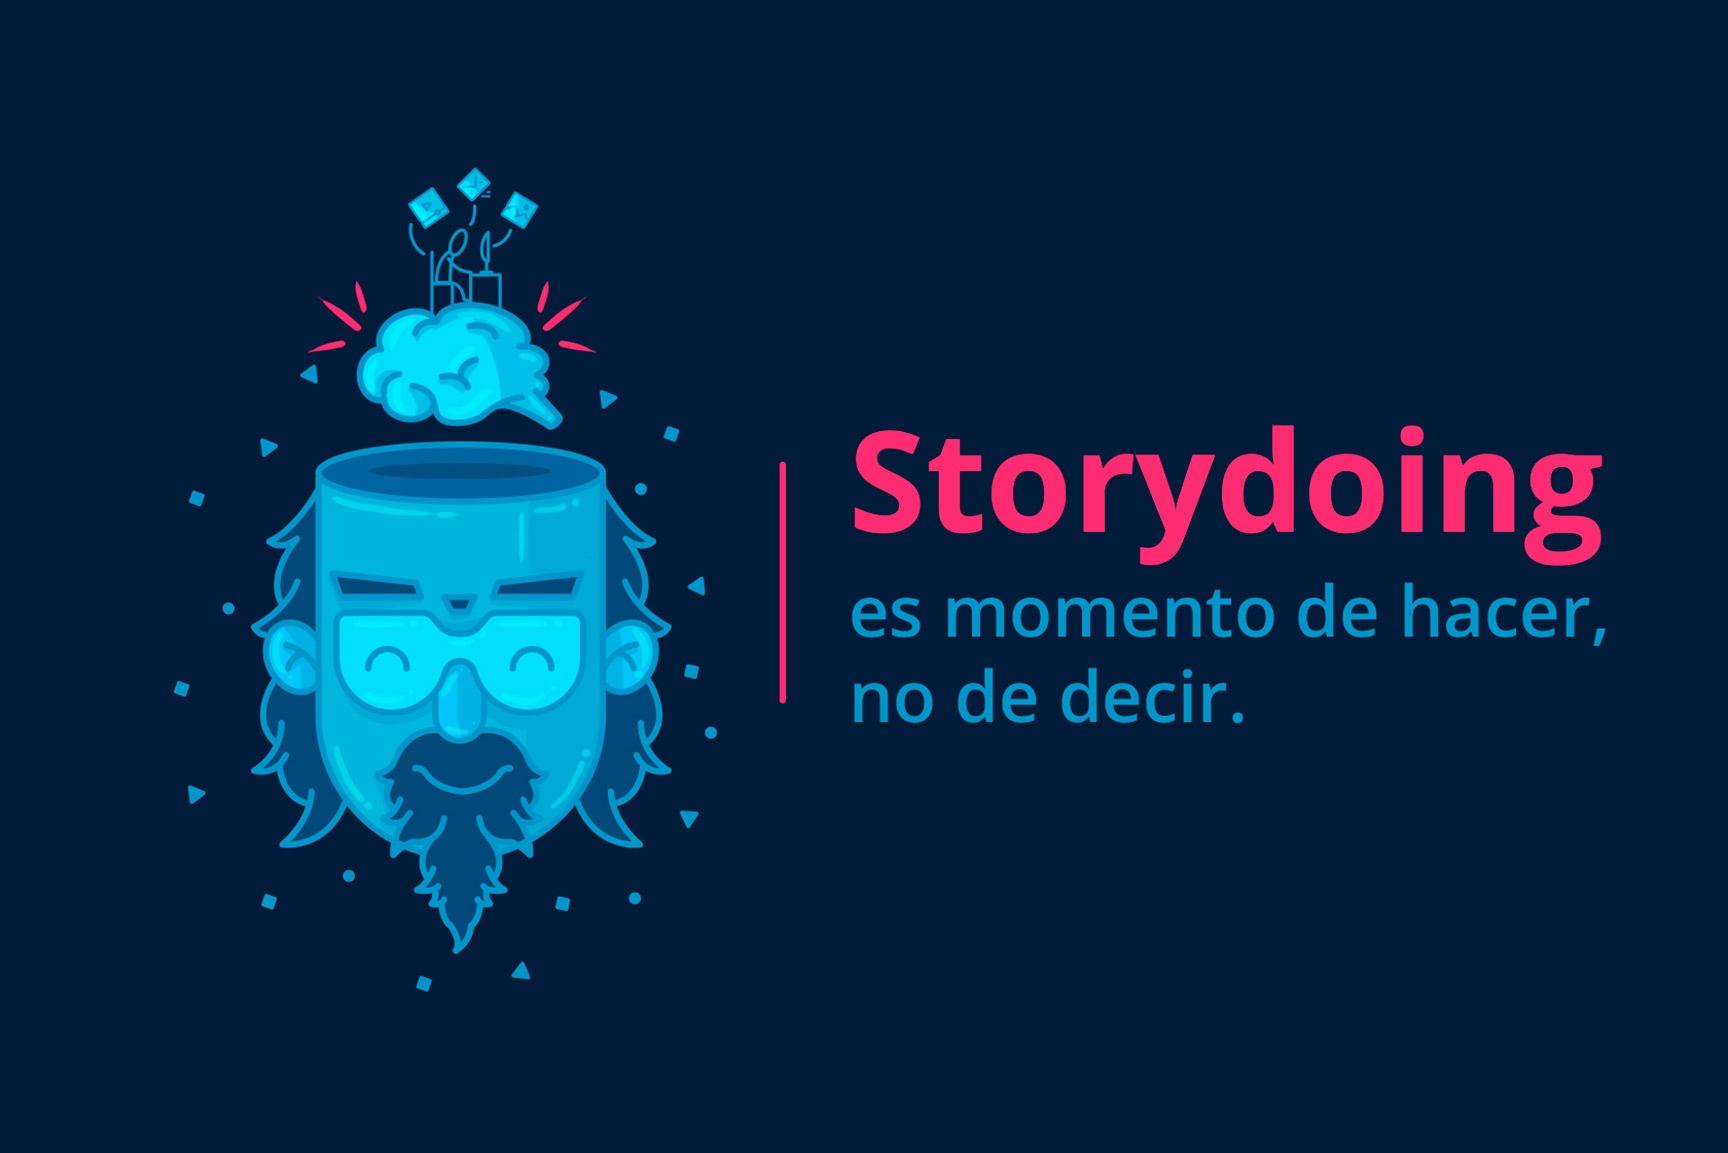 h_storydoing_es_momento_de_hacer_no_de_decor.jpg